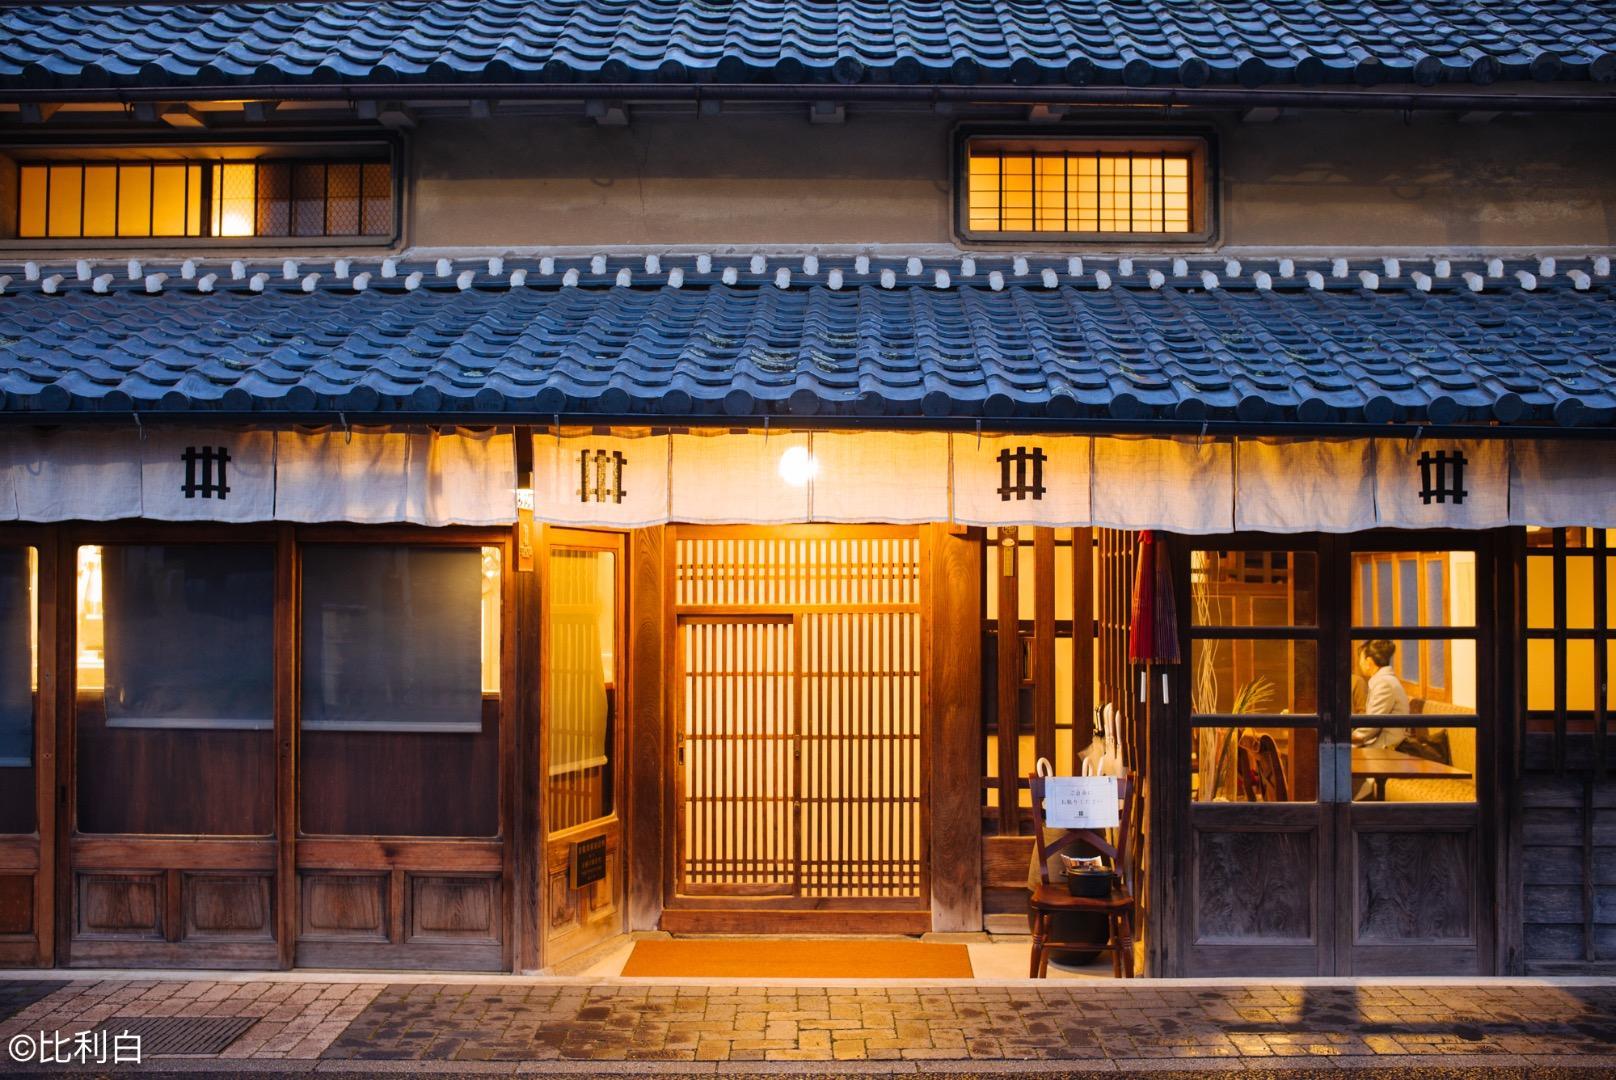 日本 | 住进德川家康的一座城池